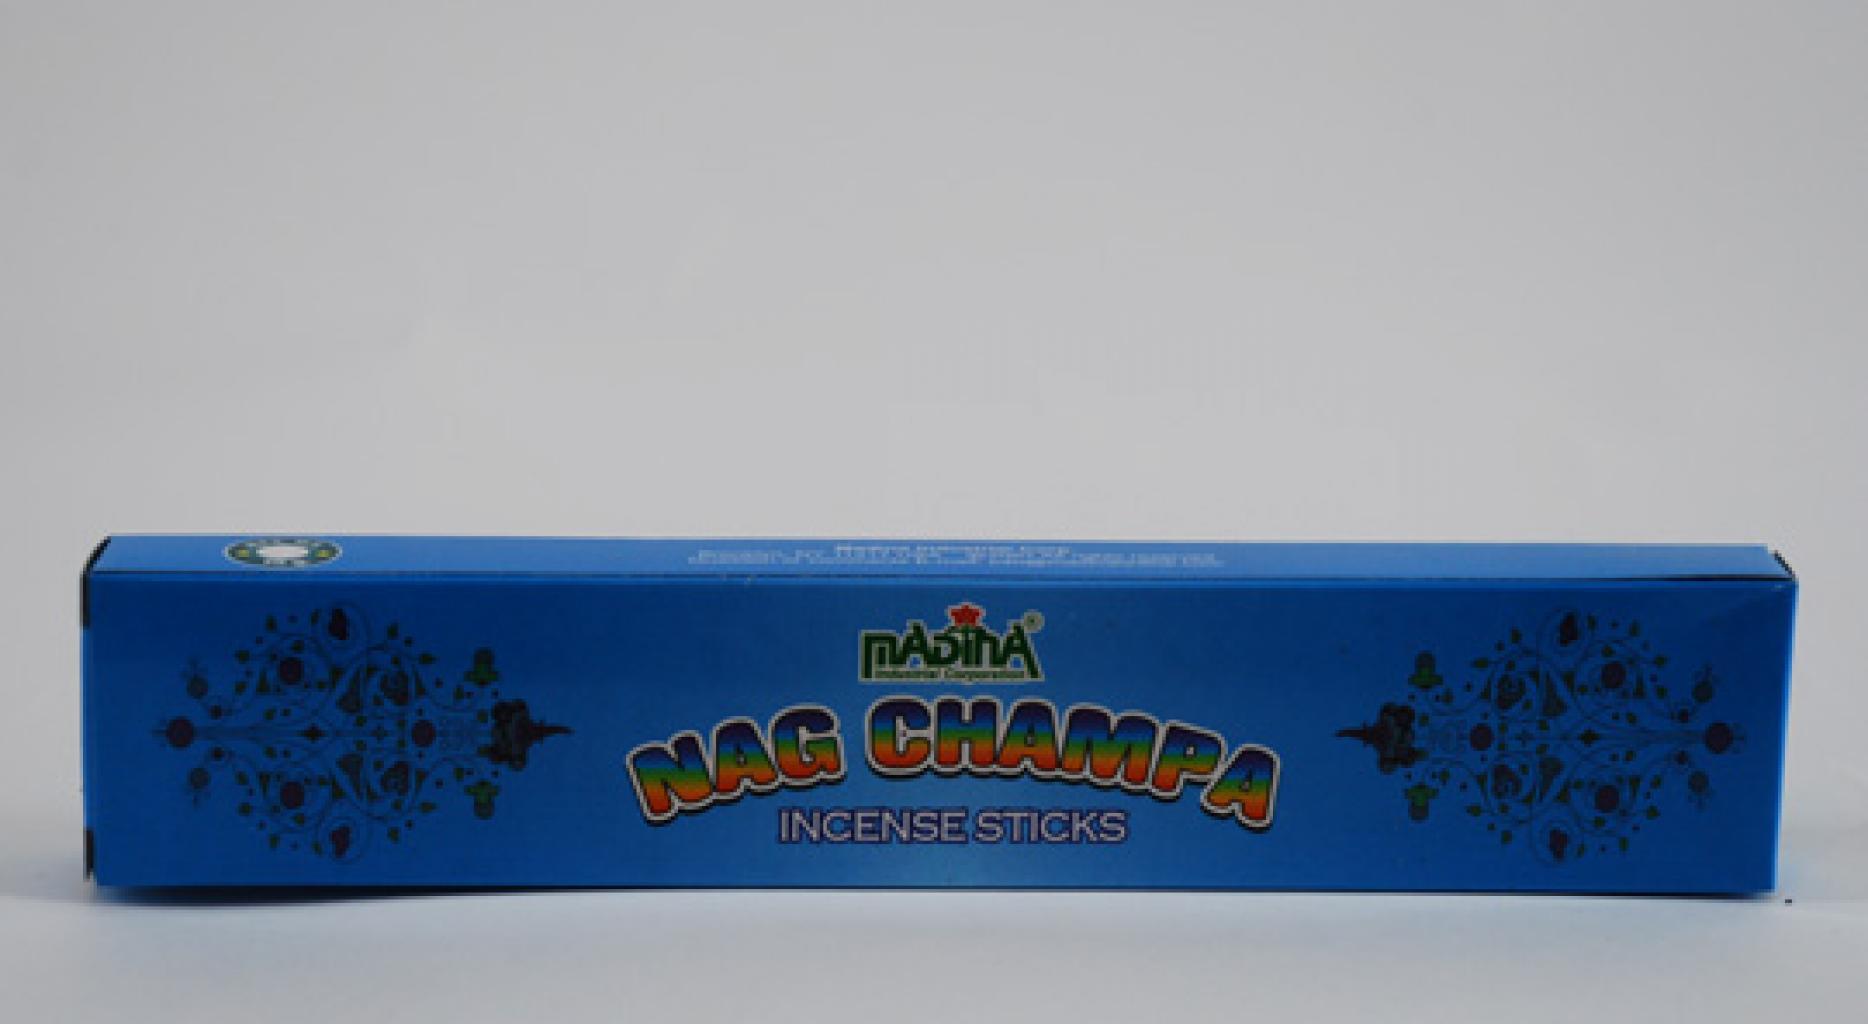 Nag Champa Incense in249